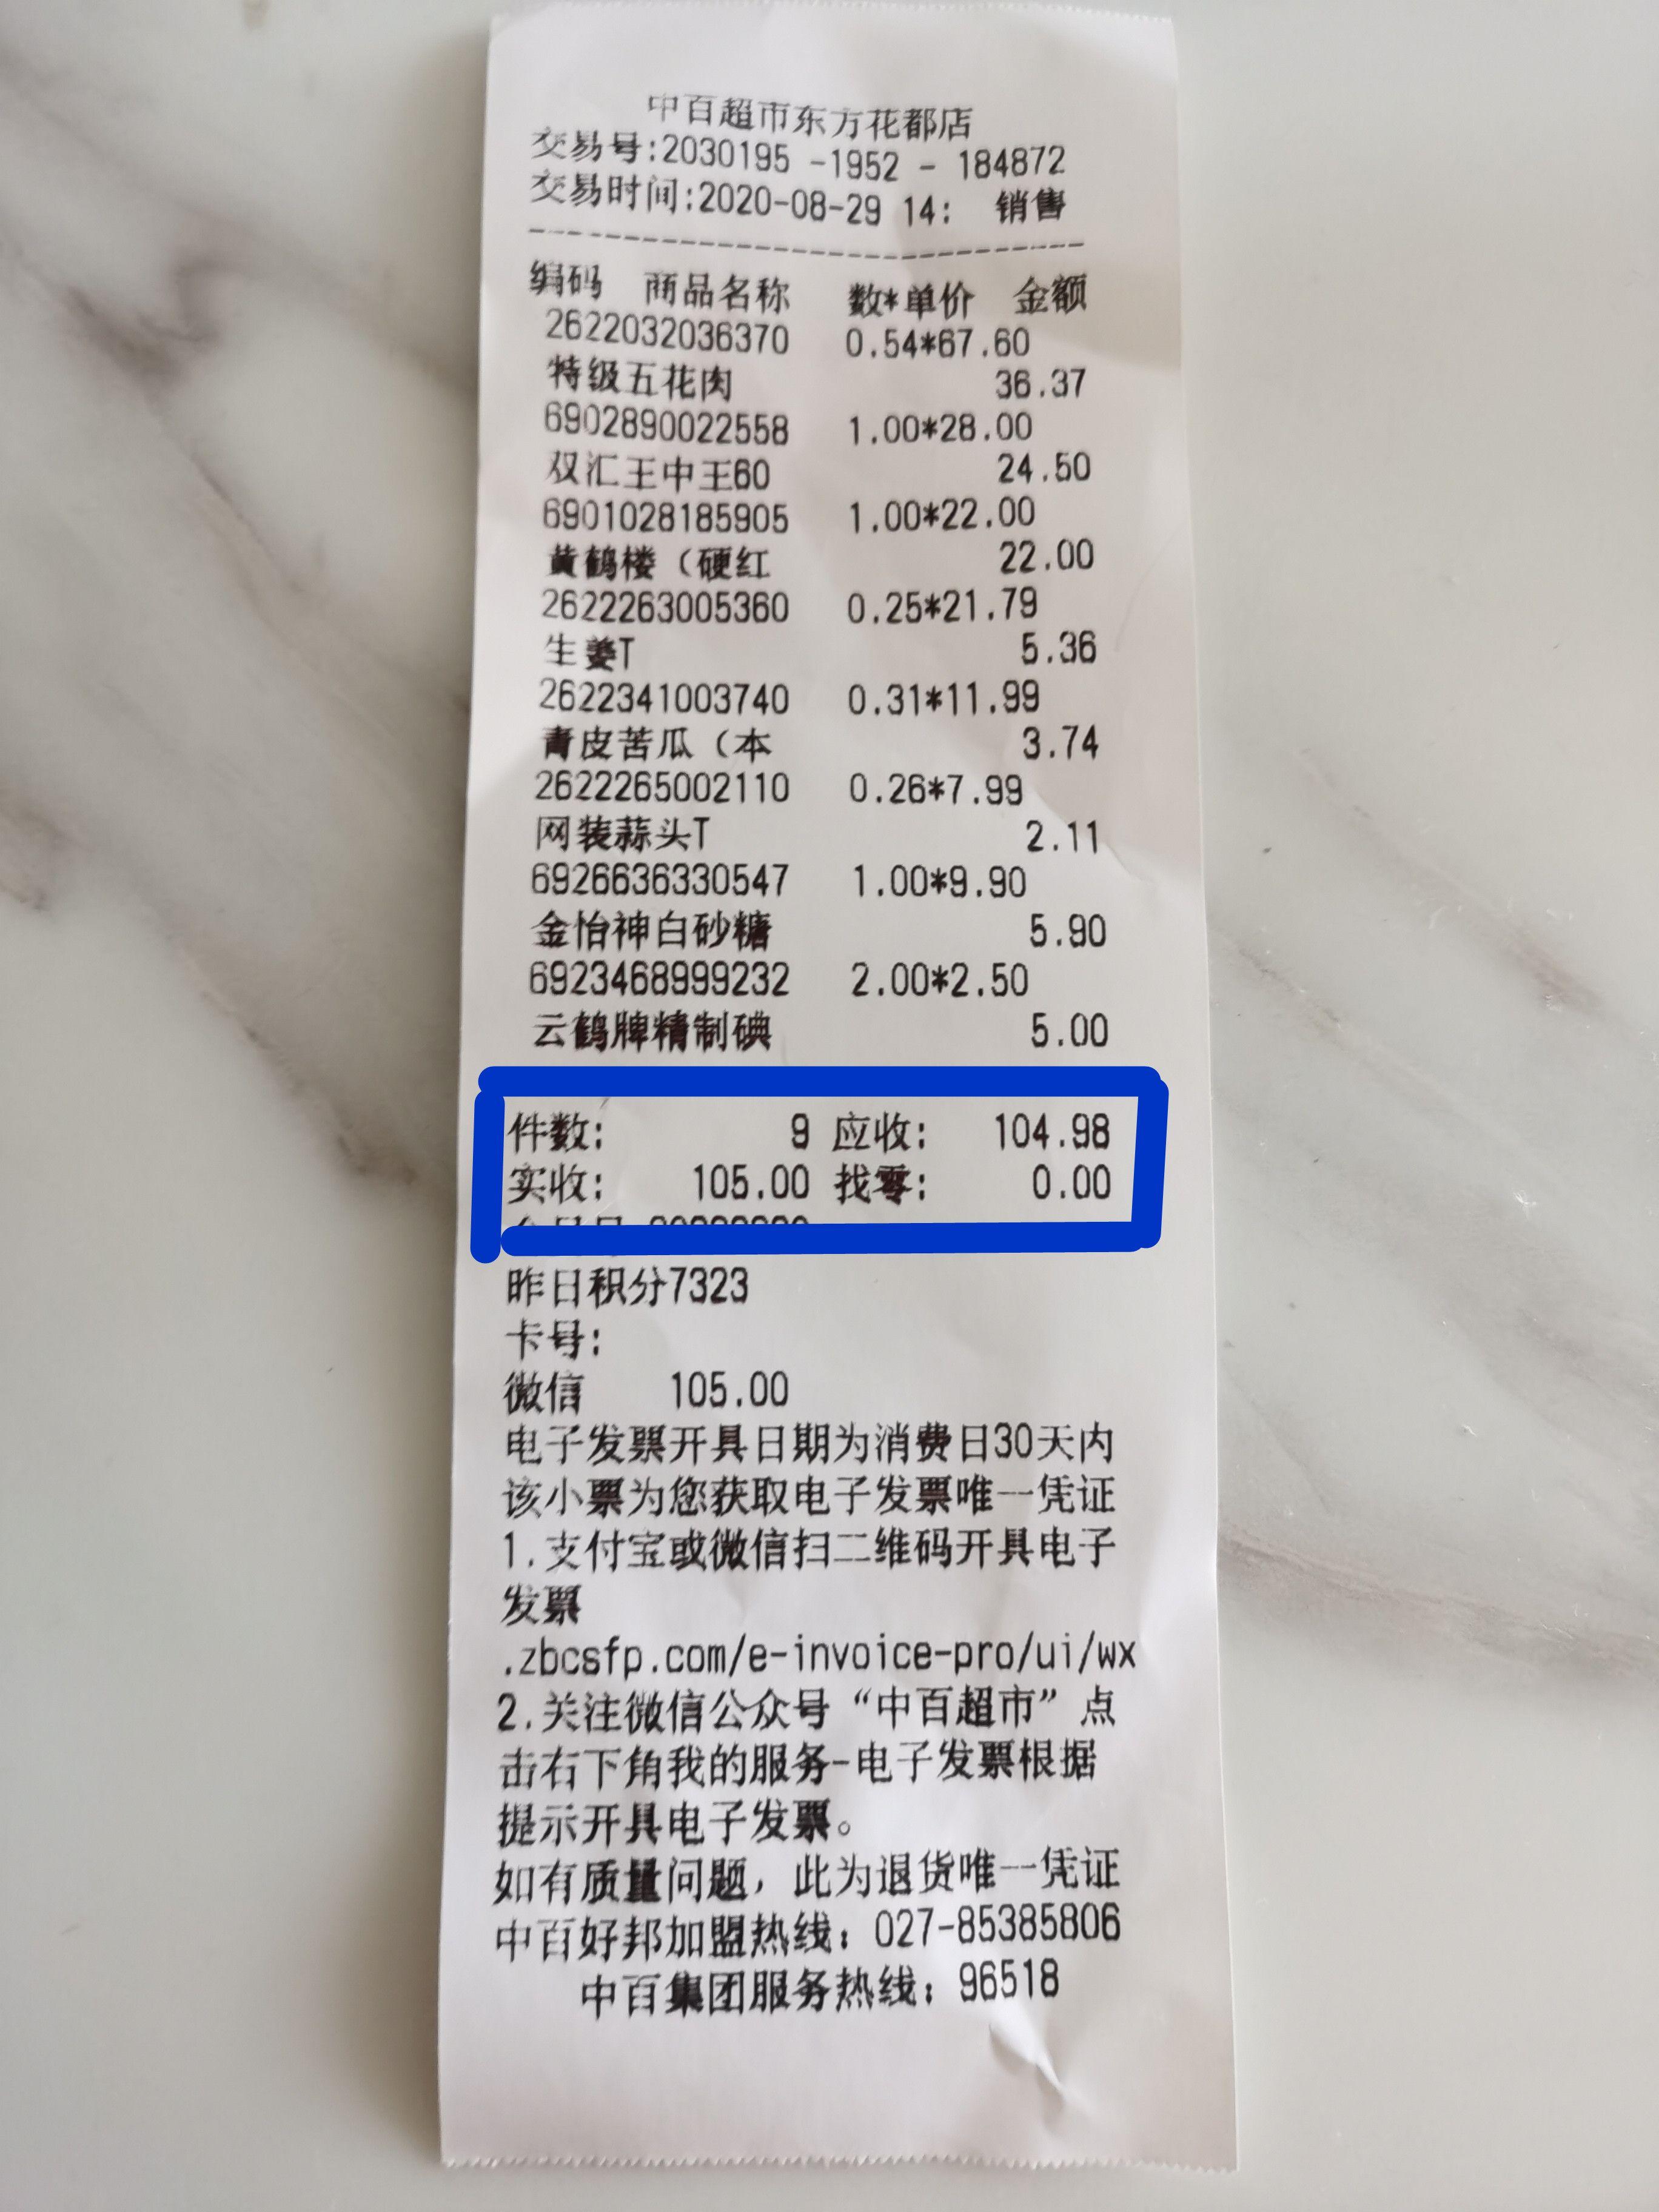 http://www.weixinrensheng.com/kejika/2337744.html